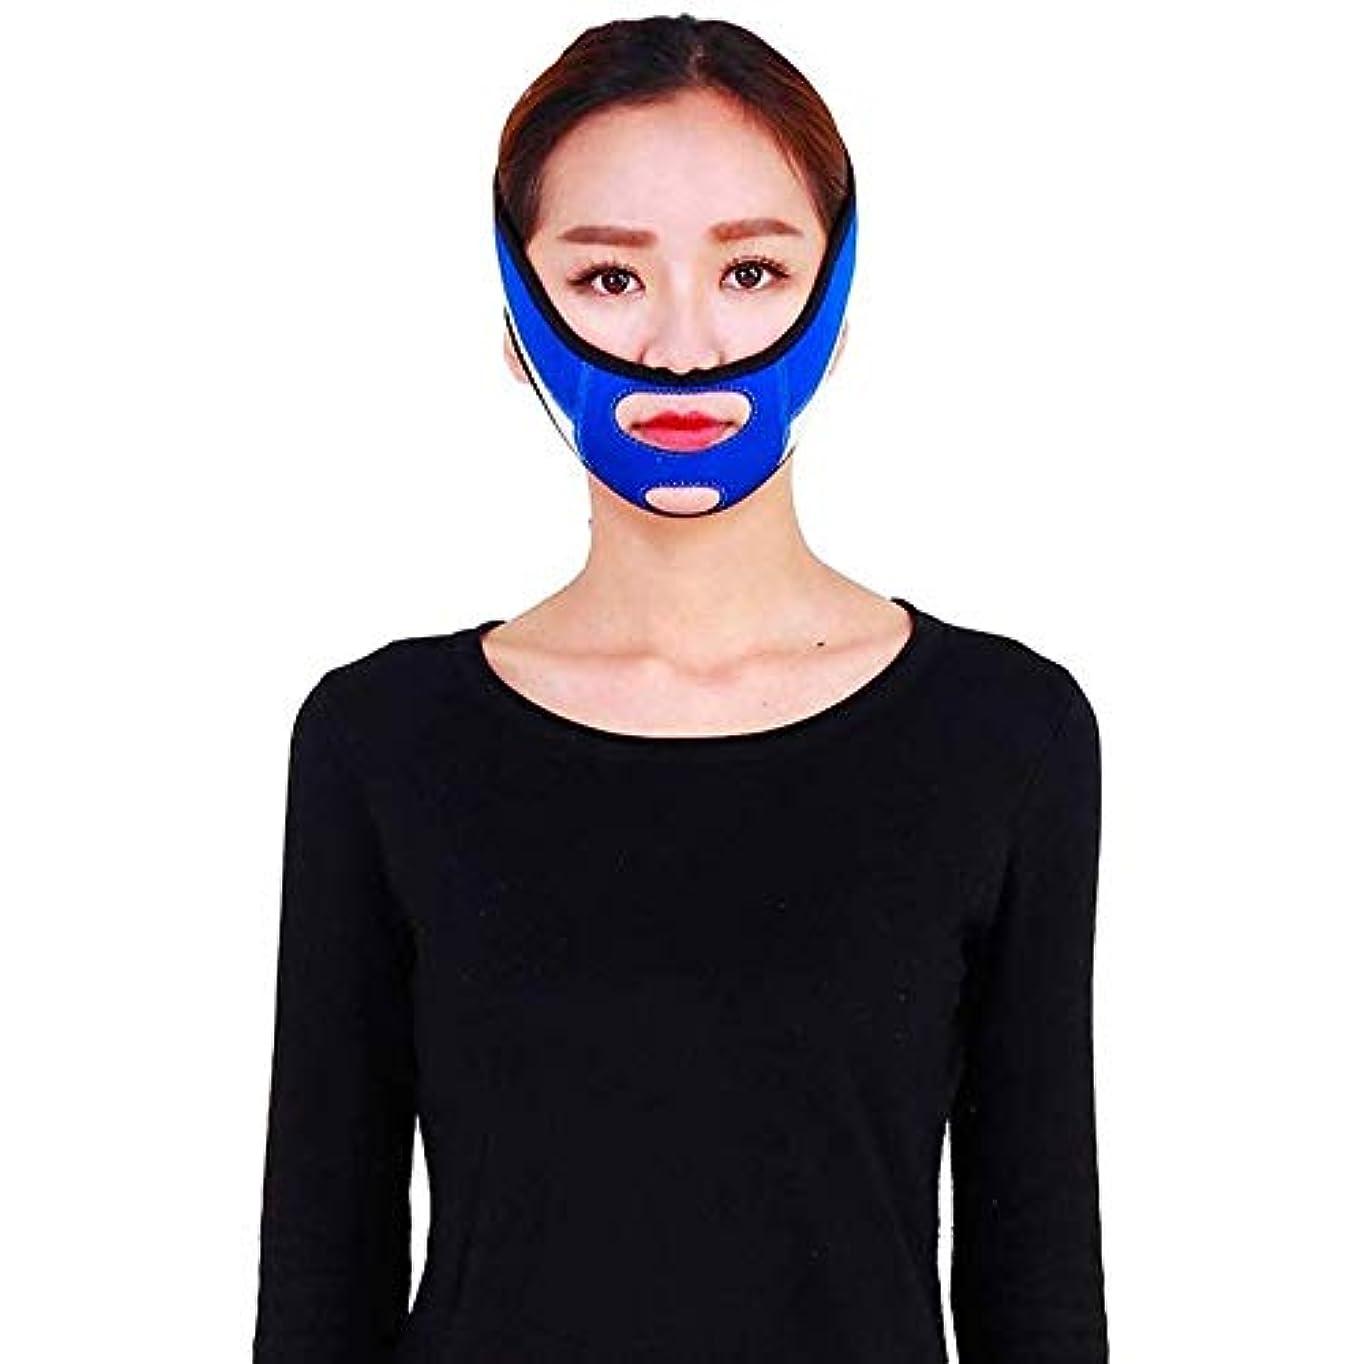 ループ豪華な銅WSJTT 女性のための顔のリフティングベルト、Vラインチンチークリフトアップバンドアンチリンクル包帯、スリミング包帯二重あごケア減量Vフェイスベルト補正ベルト